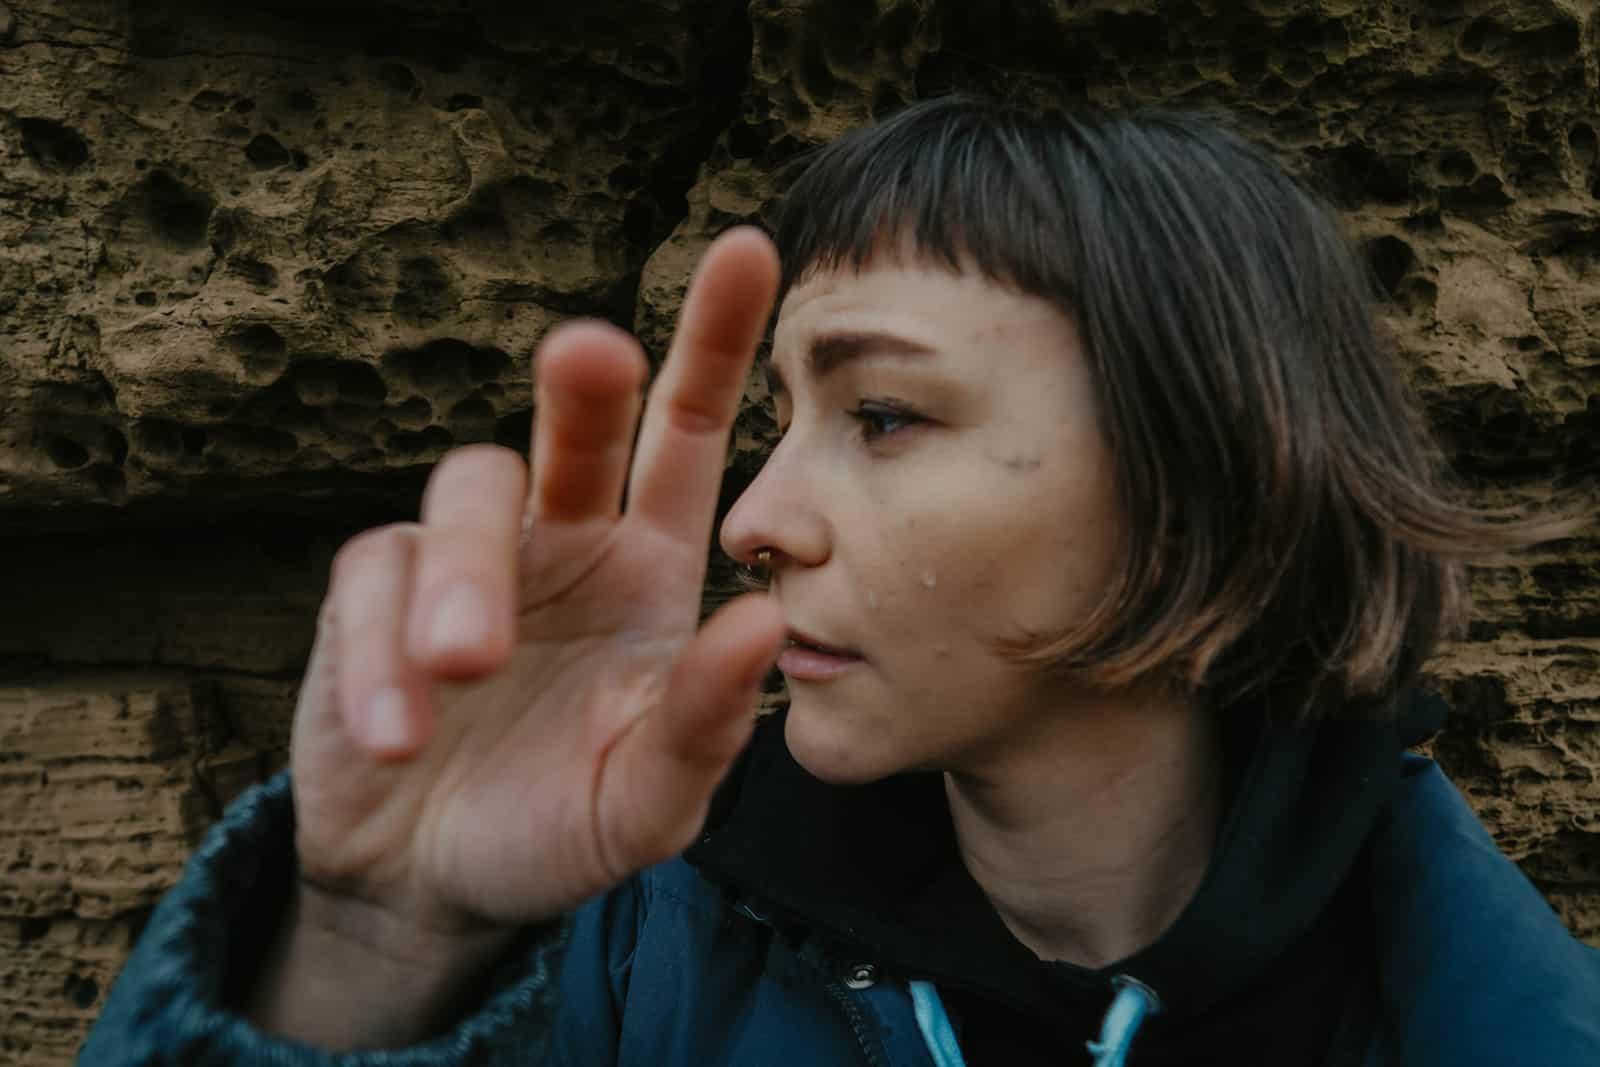 eine weinende Frau, die in der Nähe des Felsens steht und ihre rechte Hand hebt